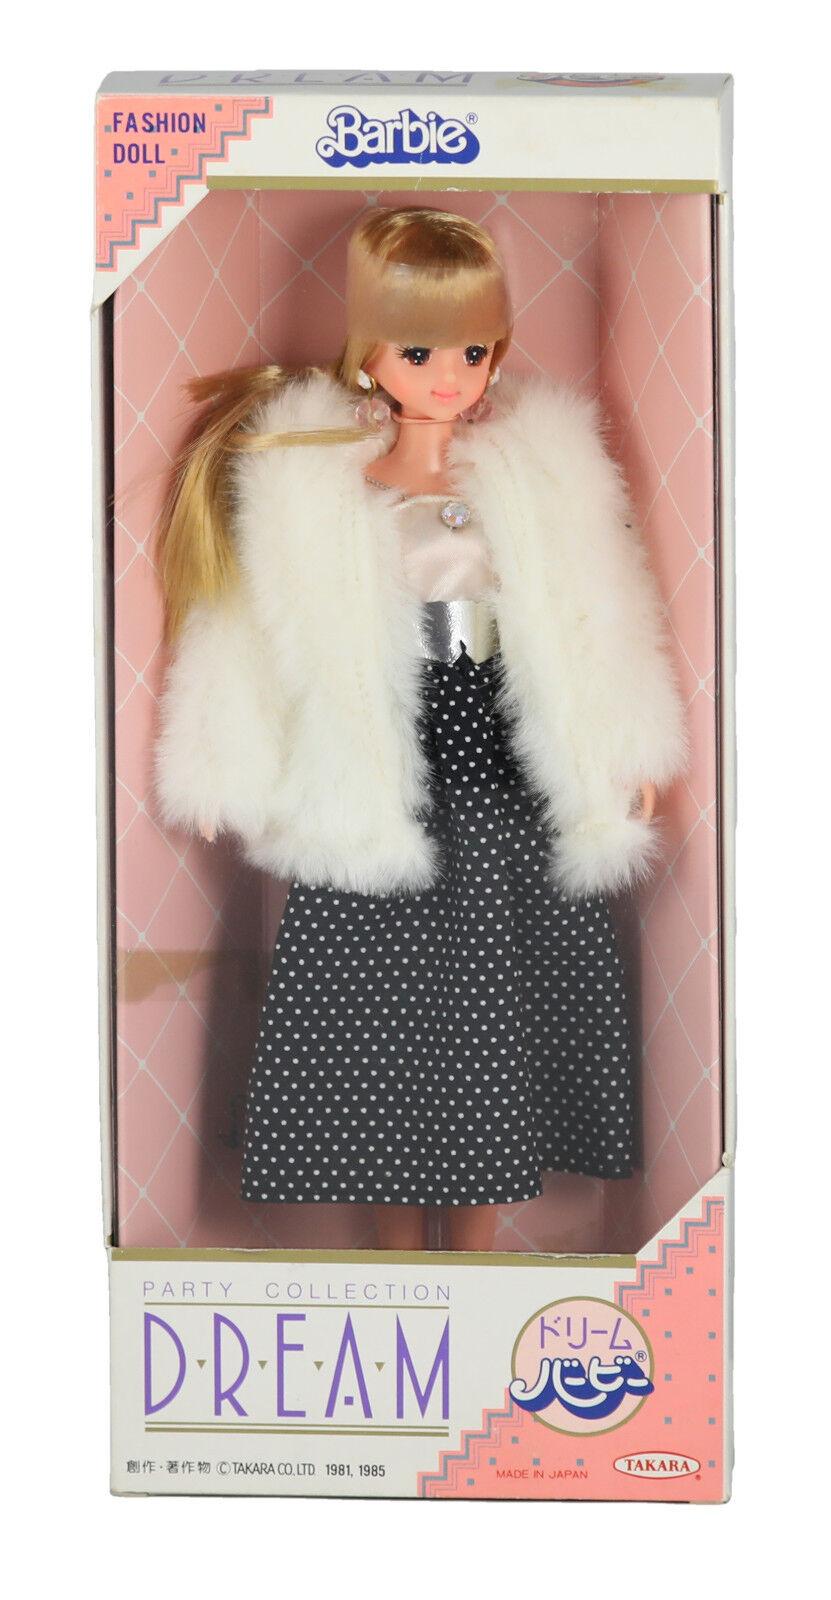 1985 Colección Takara sueño Fiesta Barbie nunca quitado de la Caja (mercado japonés)